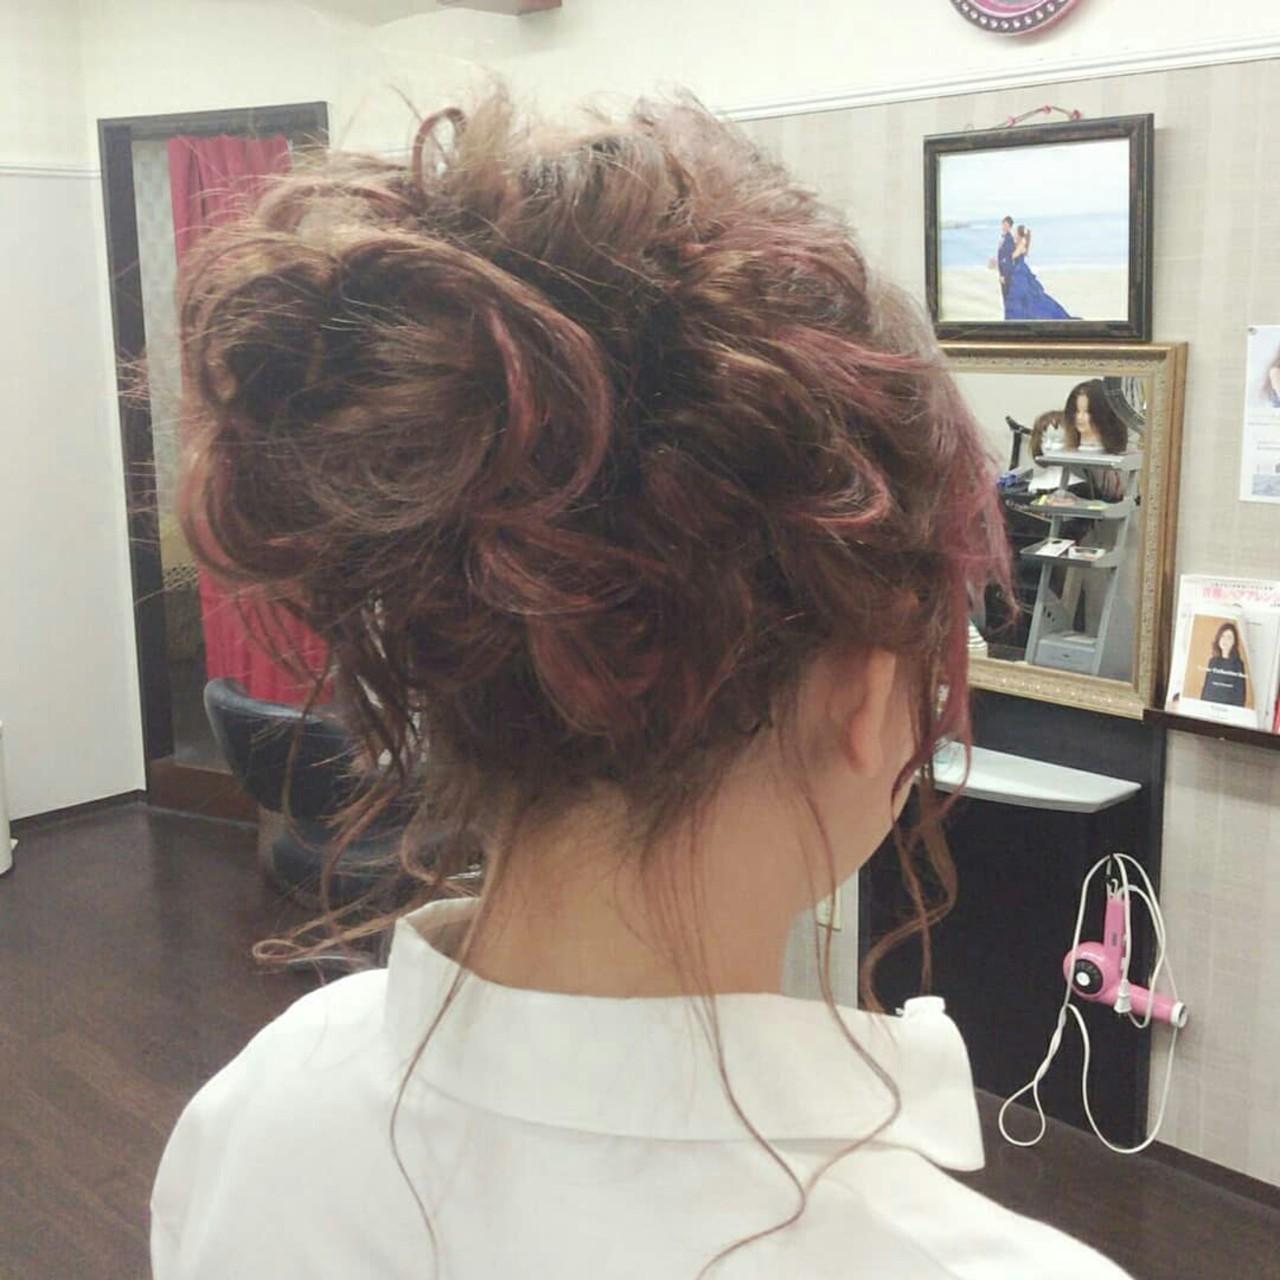 結婚式 セミロング ナチュラル 編み込み ヘアスタイルや髪型の写真・画像 | rumiLINKS美容室 / リンクス美容室